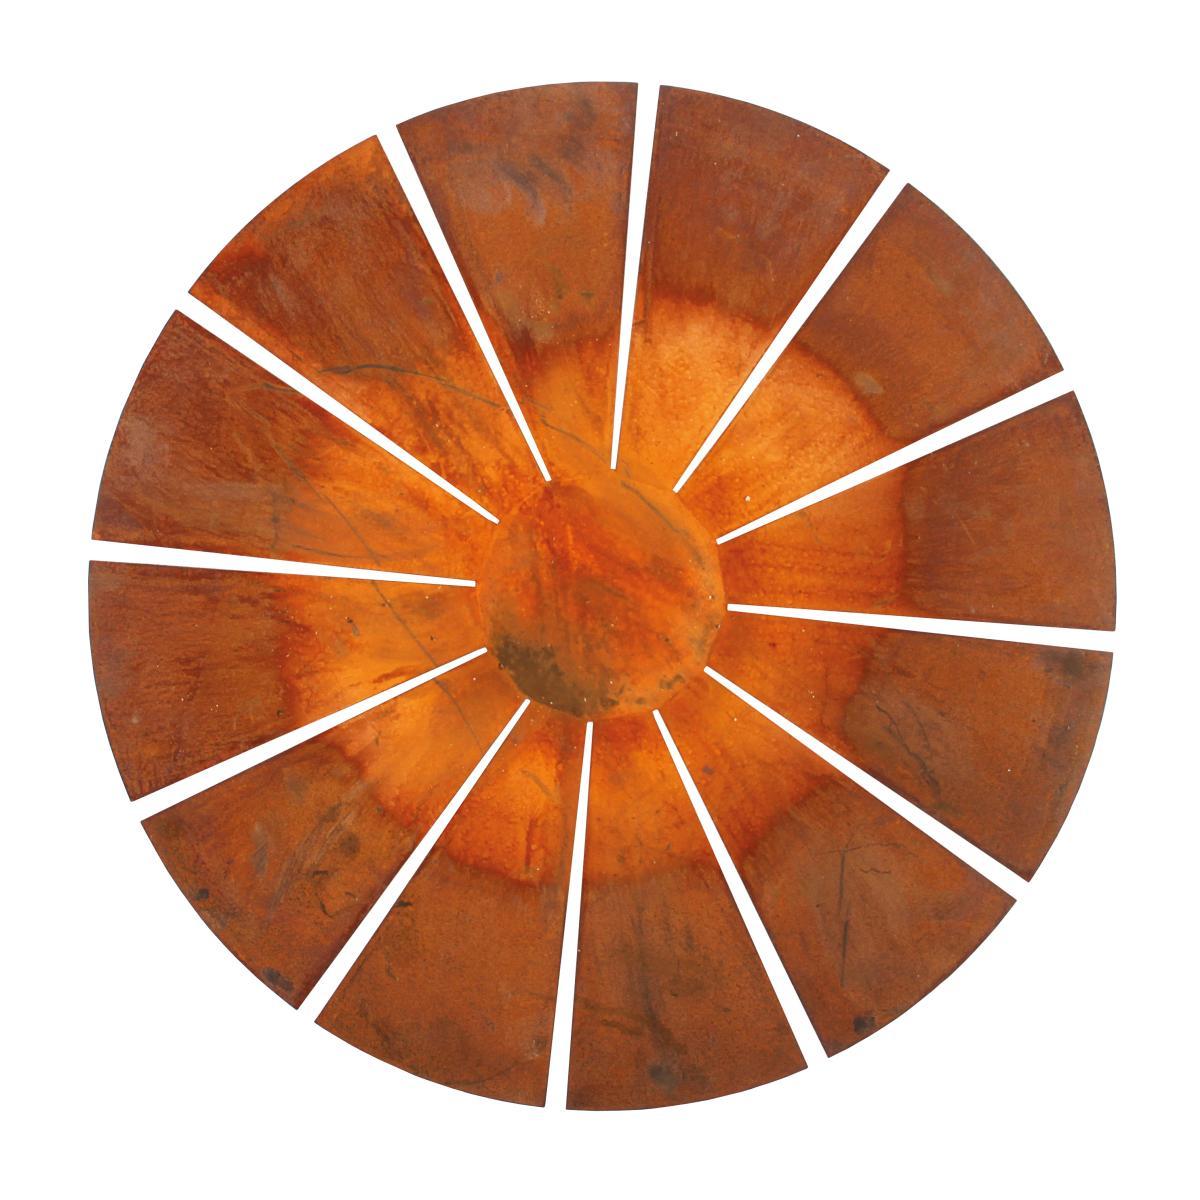 SOLIX Feuerschale Stahl müllernkontor, von oben gesehen